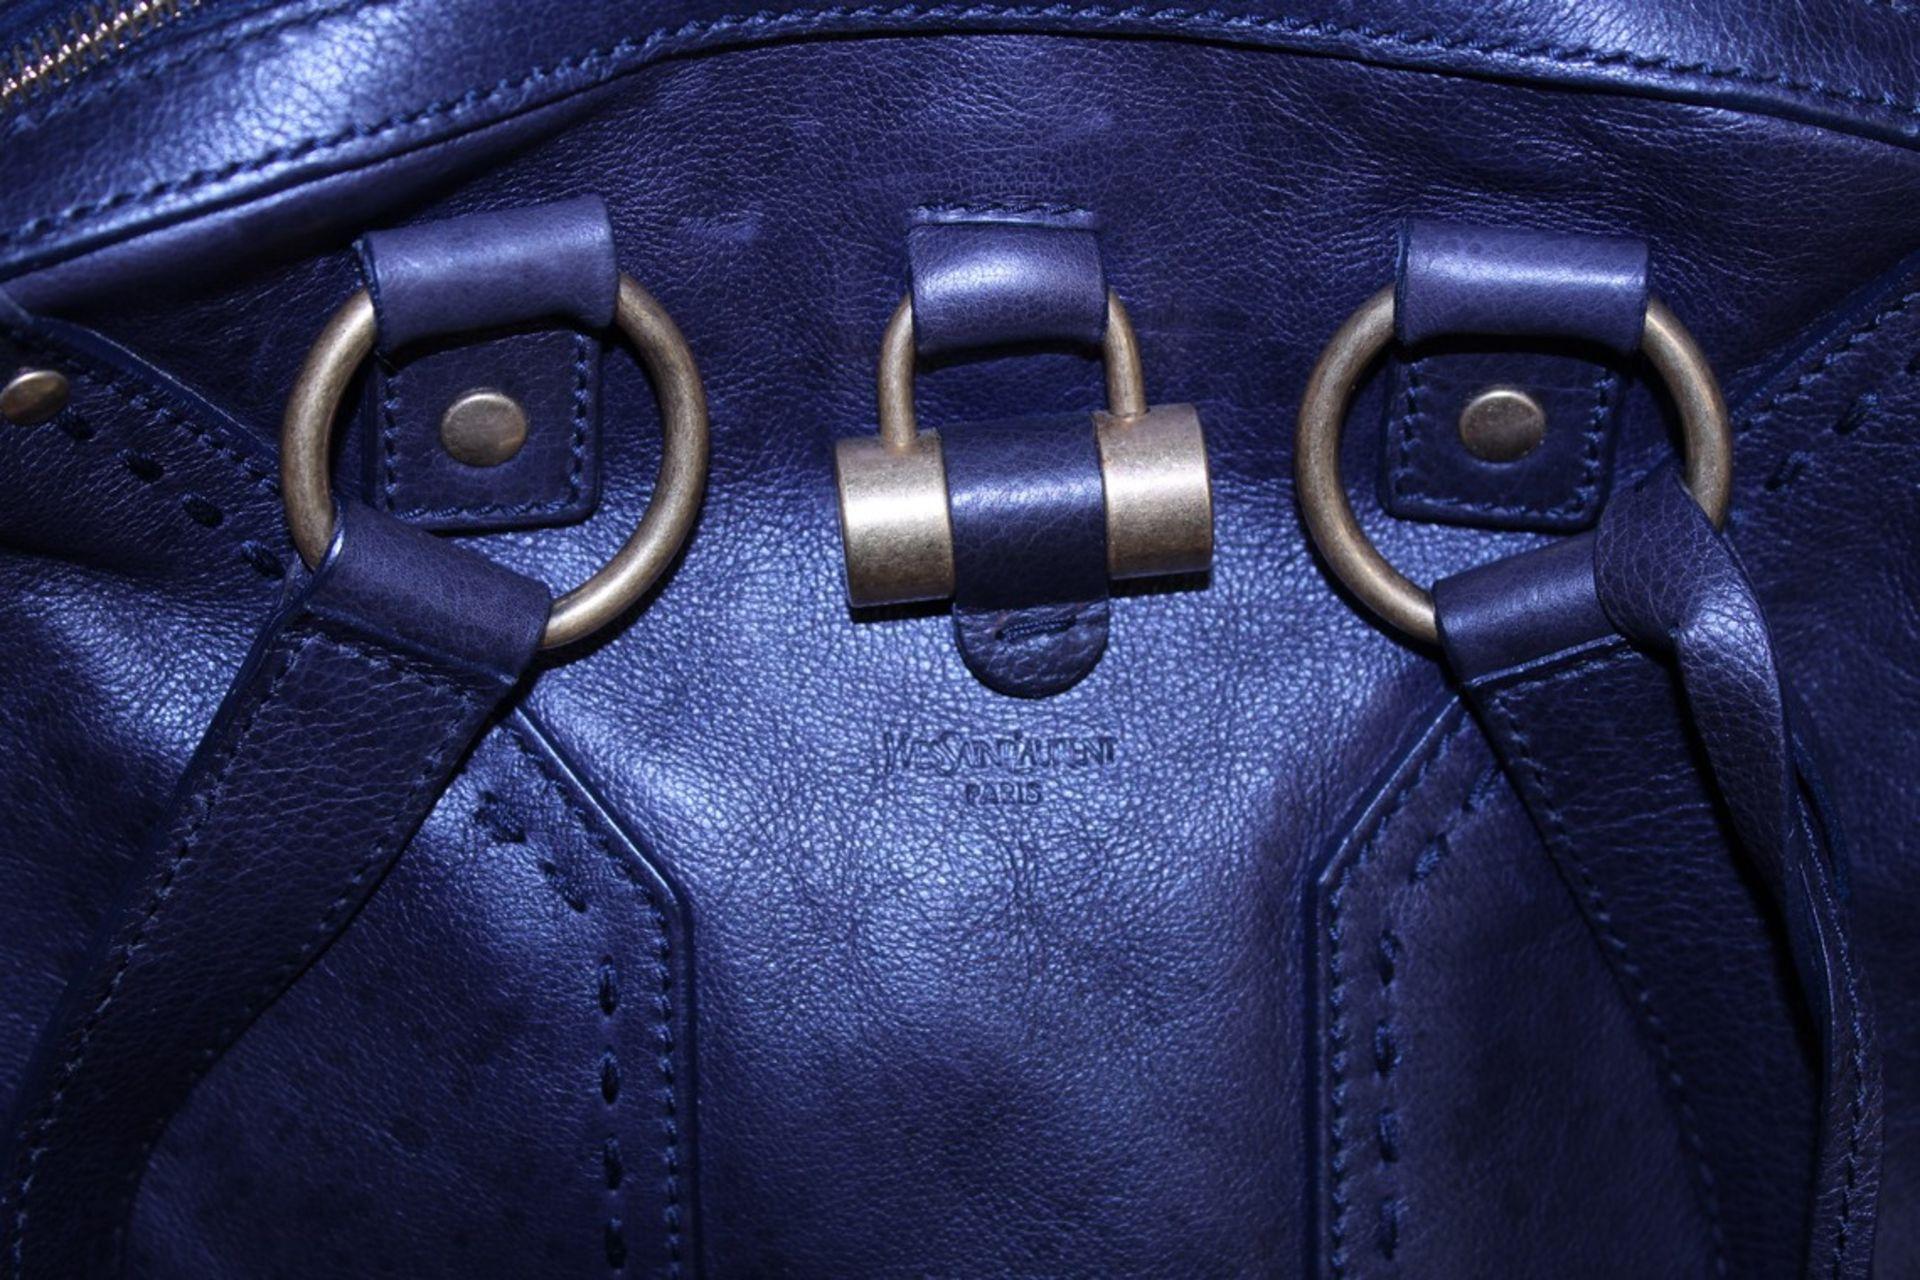 RRP £1,000 Yves St-Lauren Muse 1 Shoulder Bag, Indigo Small Grained Calf Leather Shoulder Bag, ( - Image 3 of 5